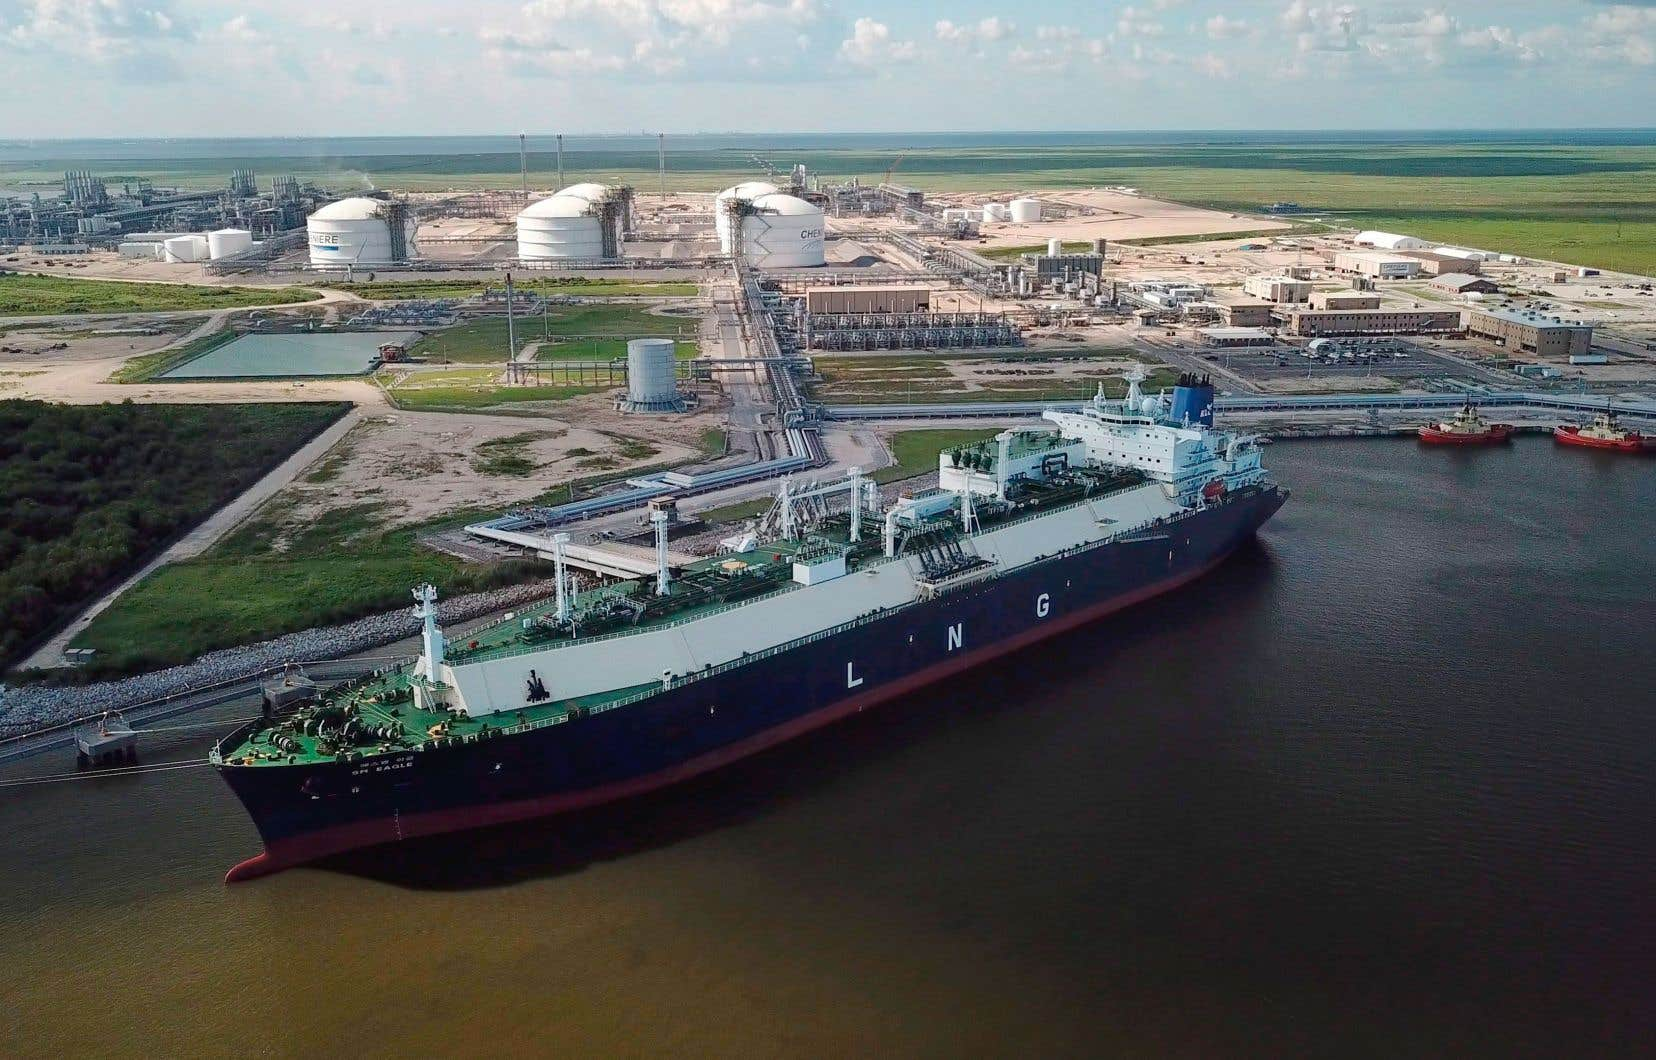 Le gaz naturel liquéfié est transporté par des méthaniers de quelque 300 mètres de longueur.